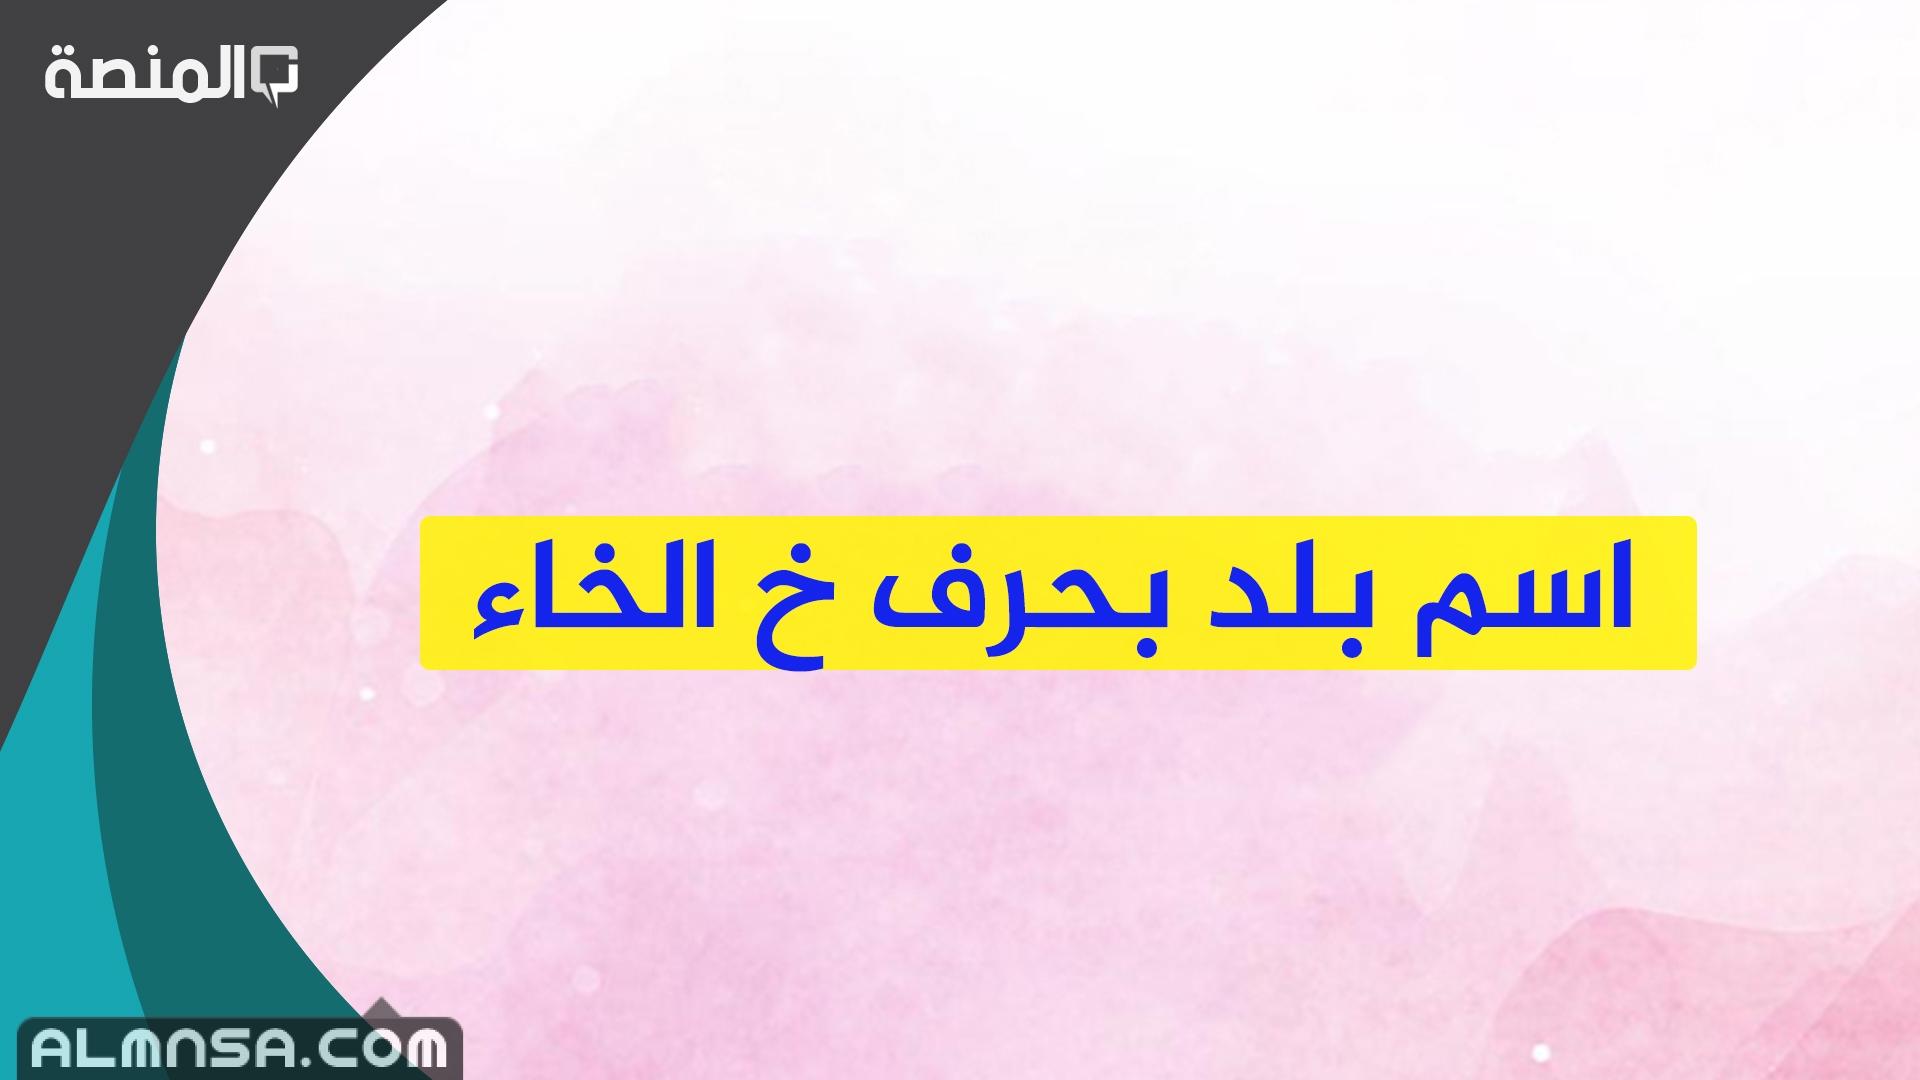 اسم بلد بحرف الخاء المنصة